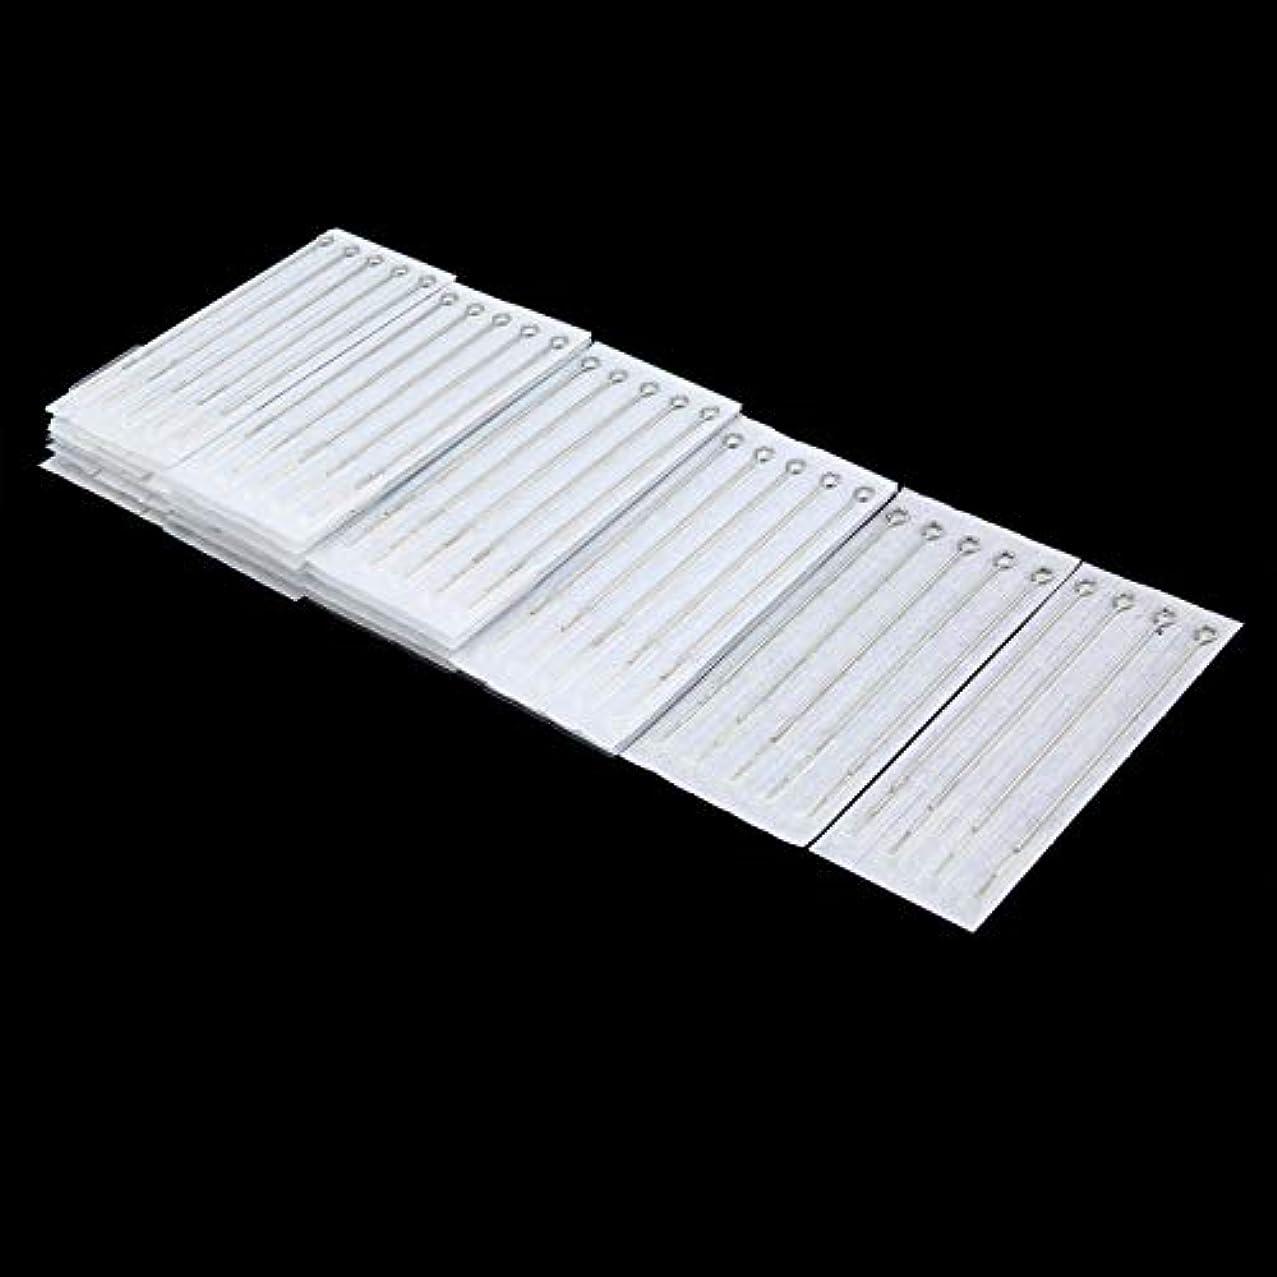 刺繍メロドラマ国際NancyMissY 100ピース使い捨てタトゥーニードルミックスサイズ滅菌タトゥーニードルセット用メイクアップツール1RL 3RL 5RL 3RS 5RS 5M1 5F